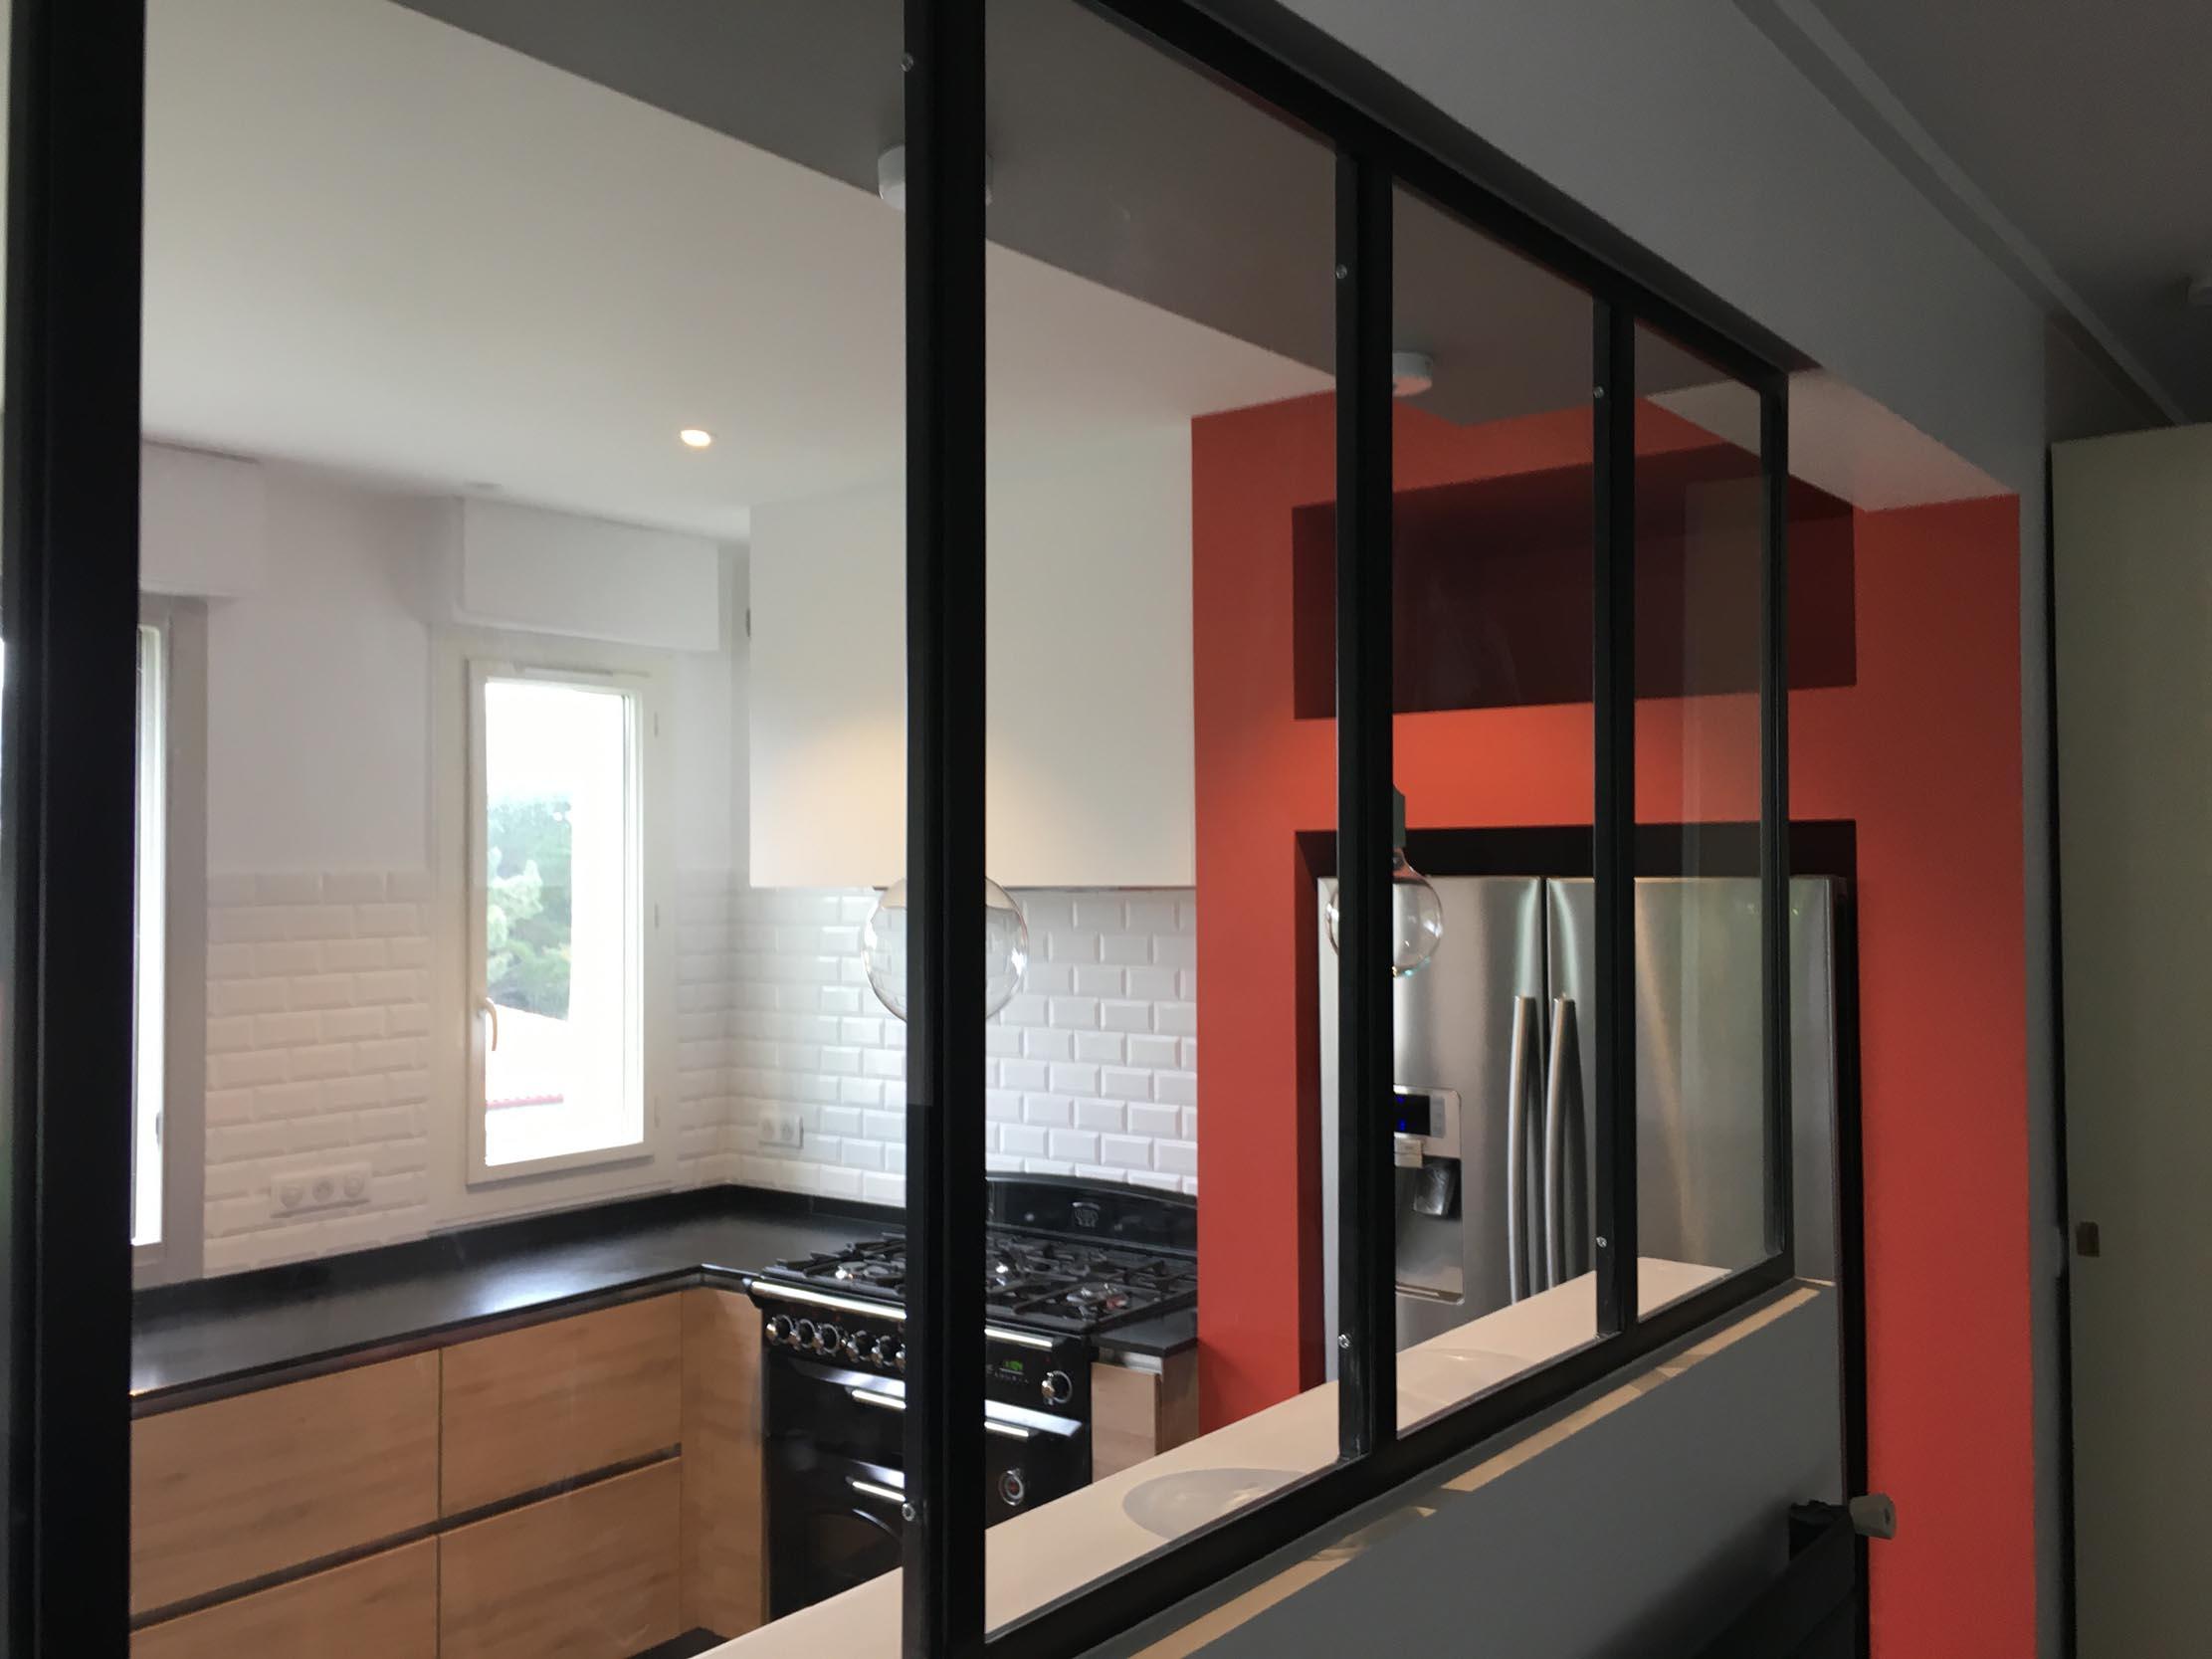 Rénovation cuisine et décoration d'intérieur maison de famille Chiberta Anglet Côte Basque 64